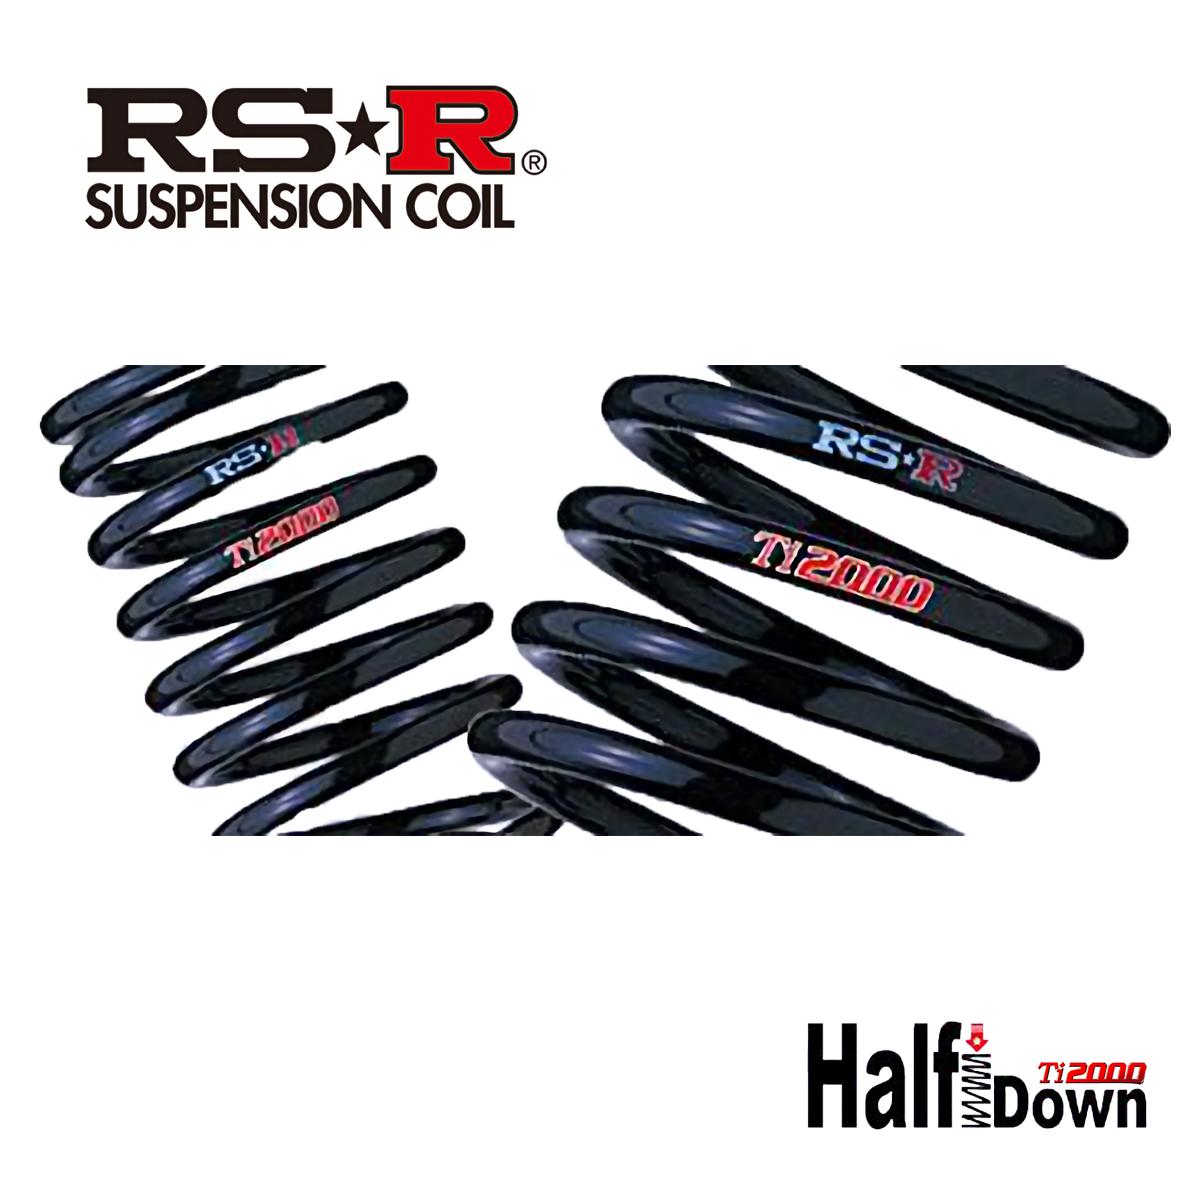 RS-R アクア NHP10 S ダウンサス スプリング リア T105THDR Ti2000 ハーフダウン RSR 個人宅発送追金有